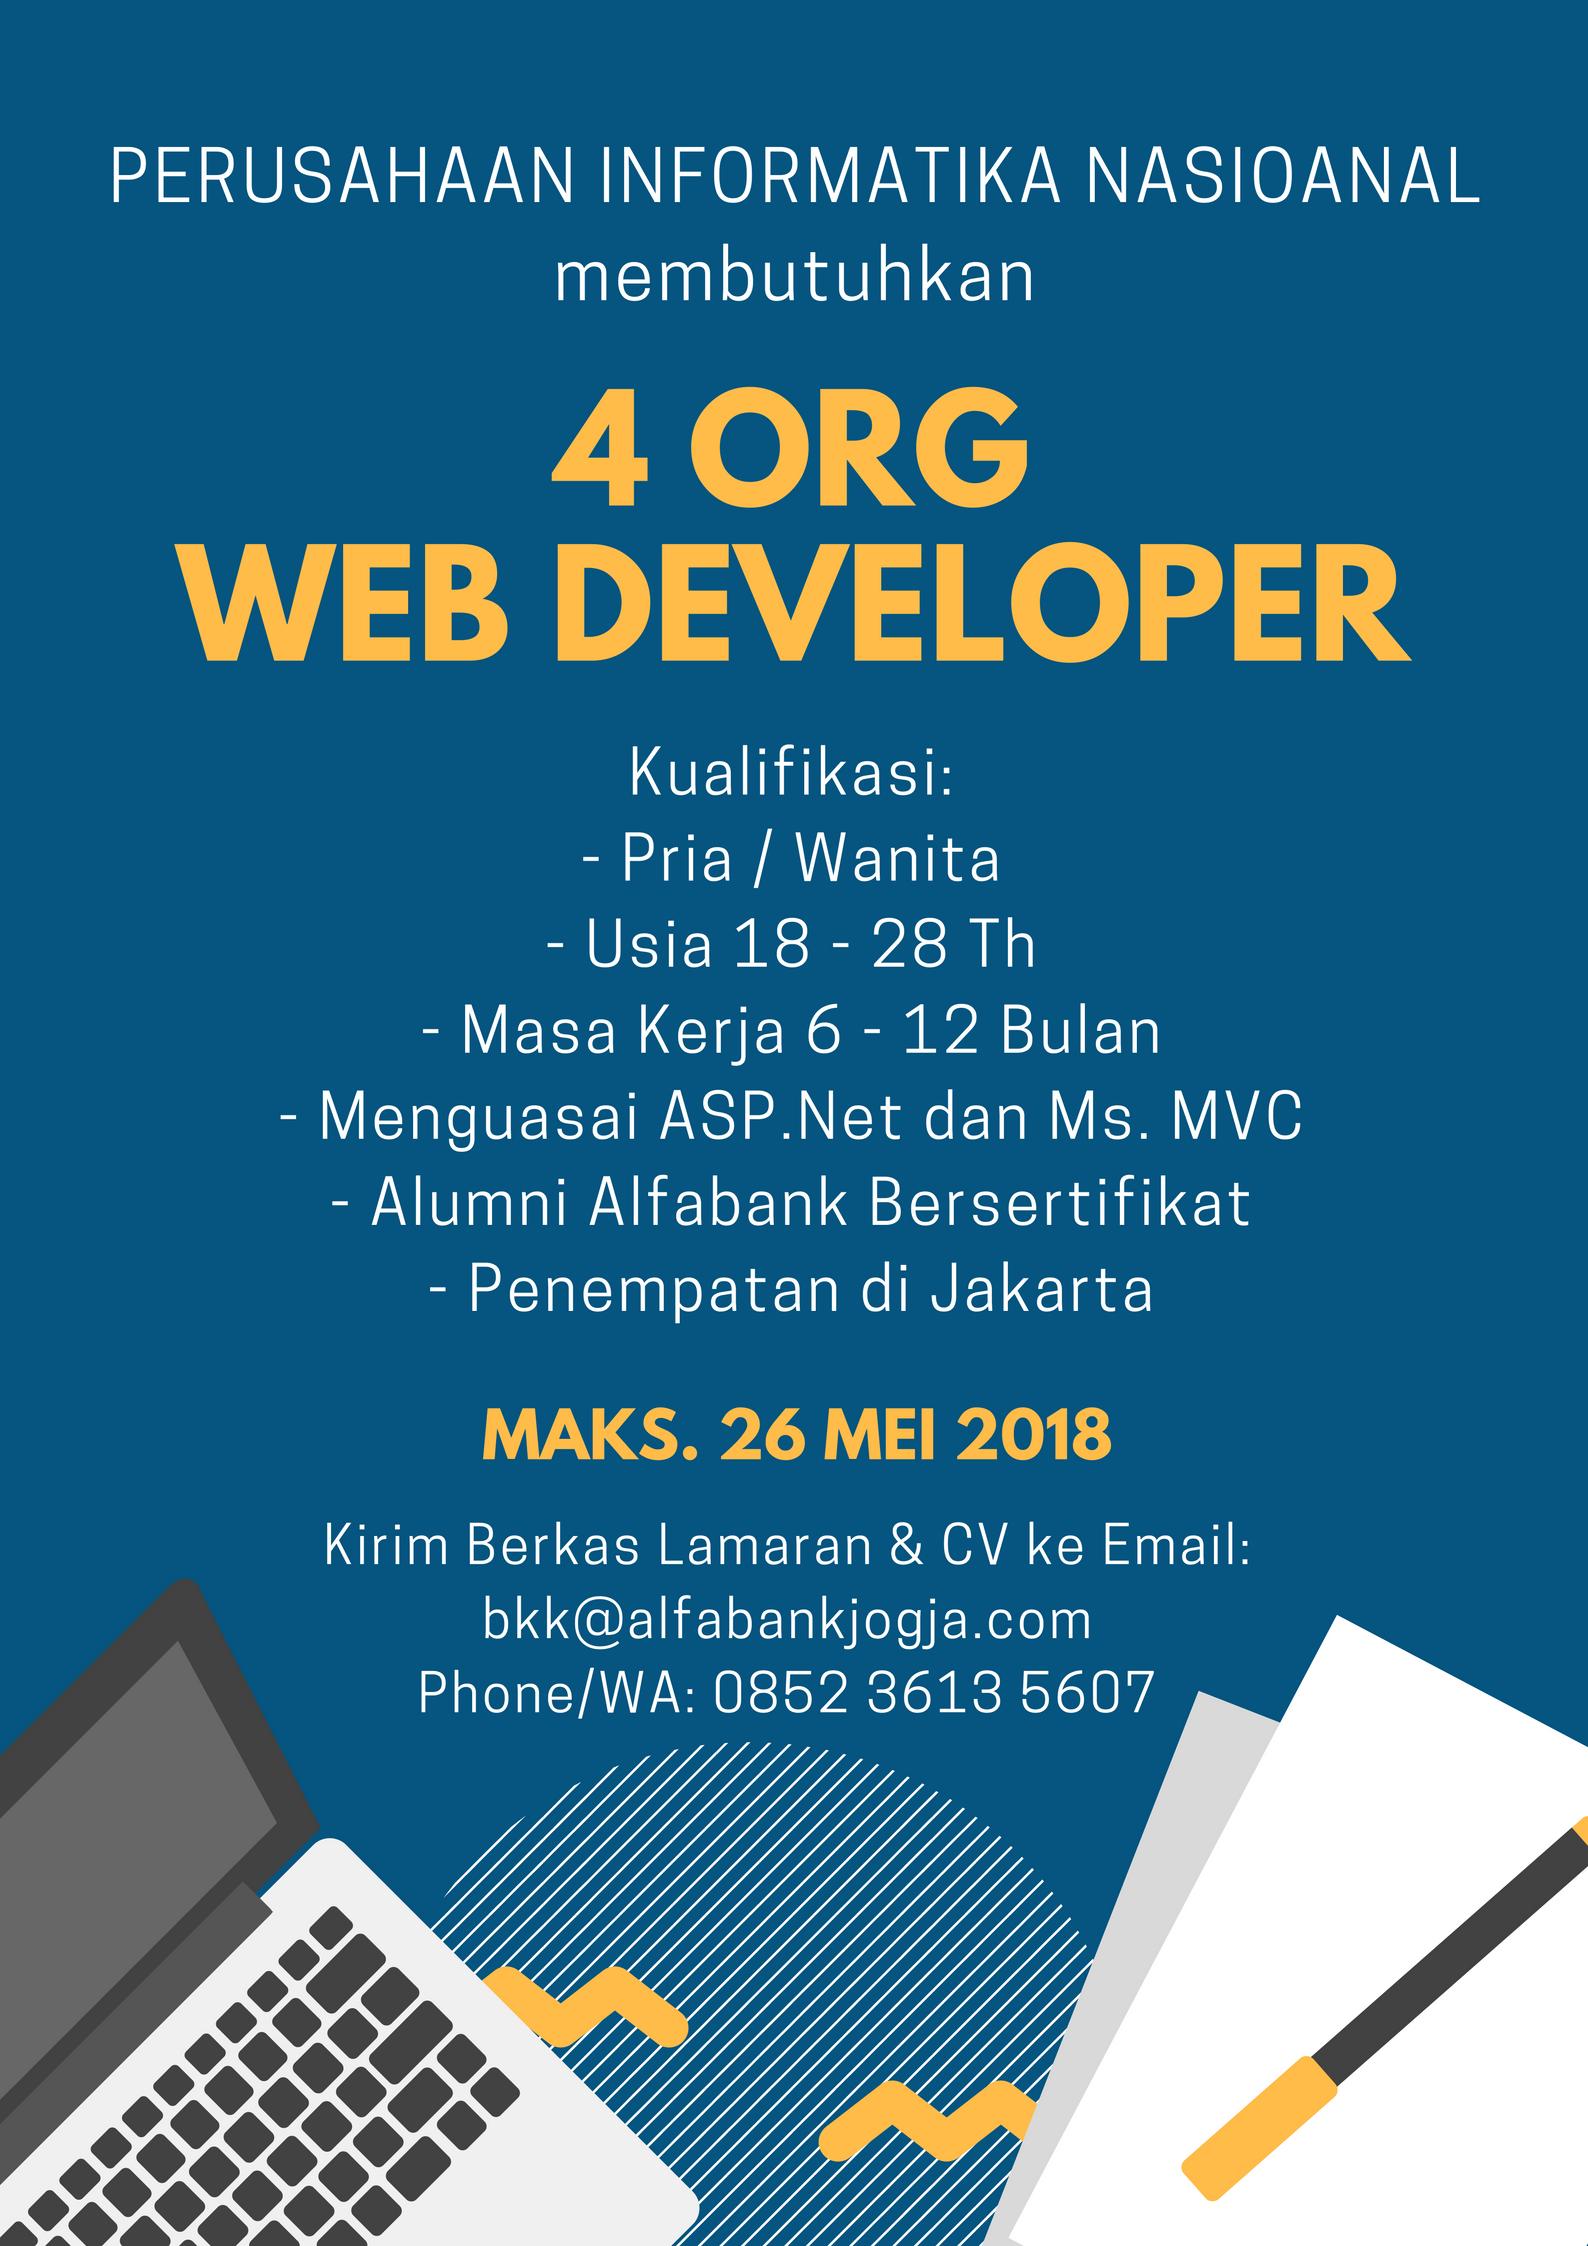 Lowongan Kerja Web Developer Perusahaan Informatika Nasional